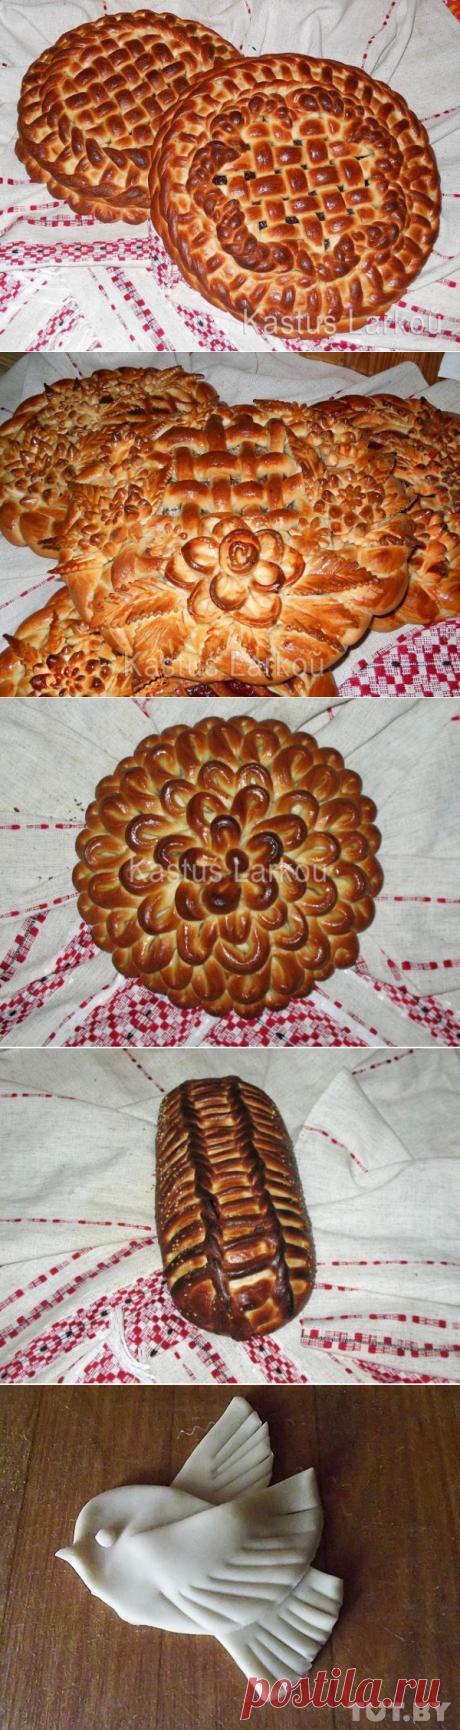 Оформление пирогов,караваев